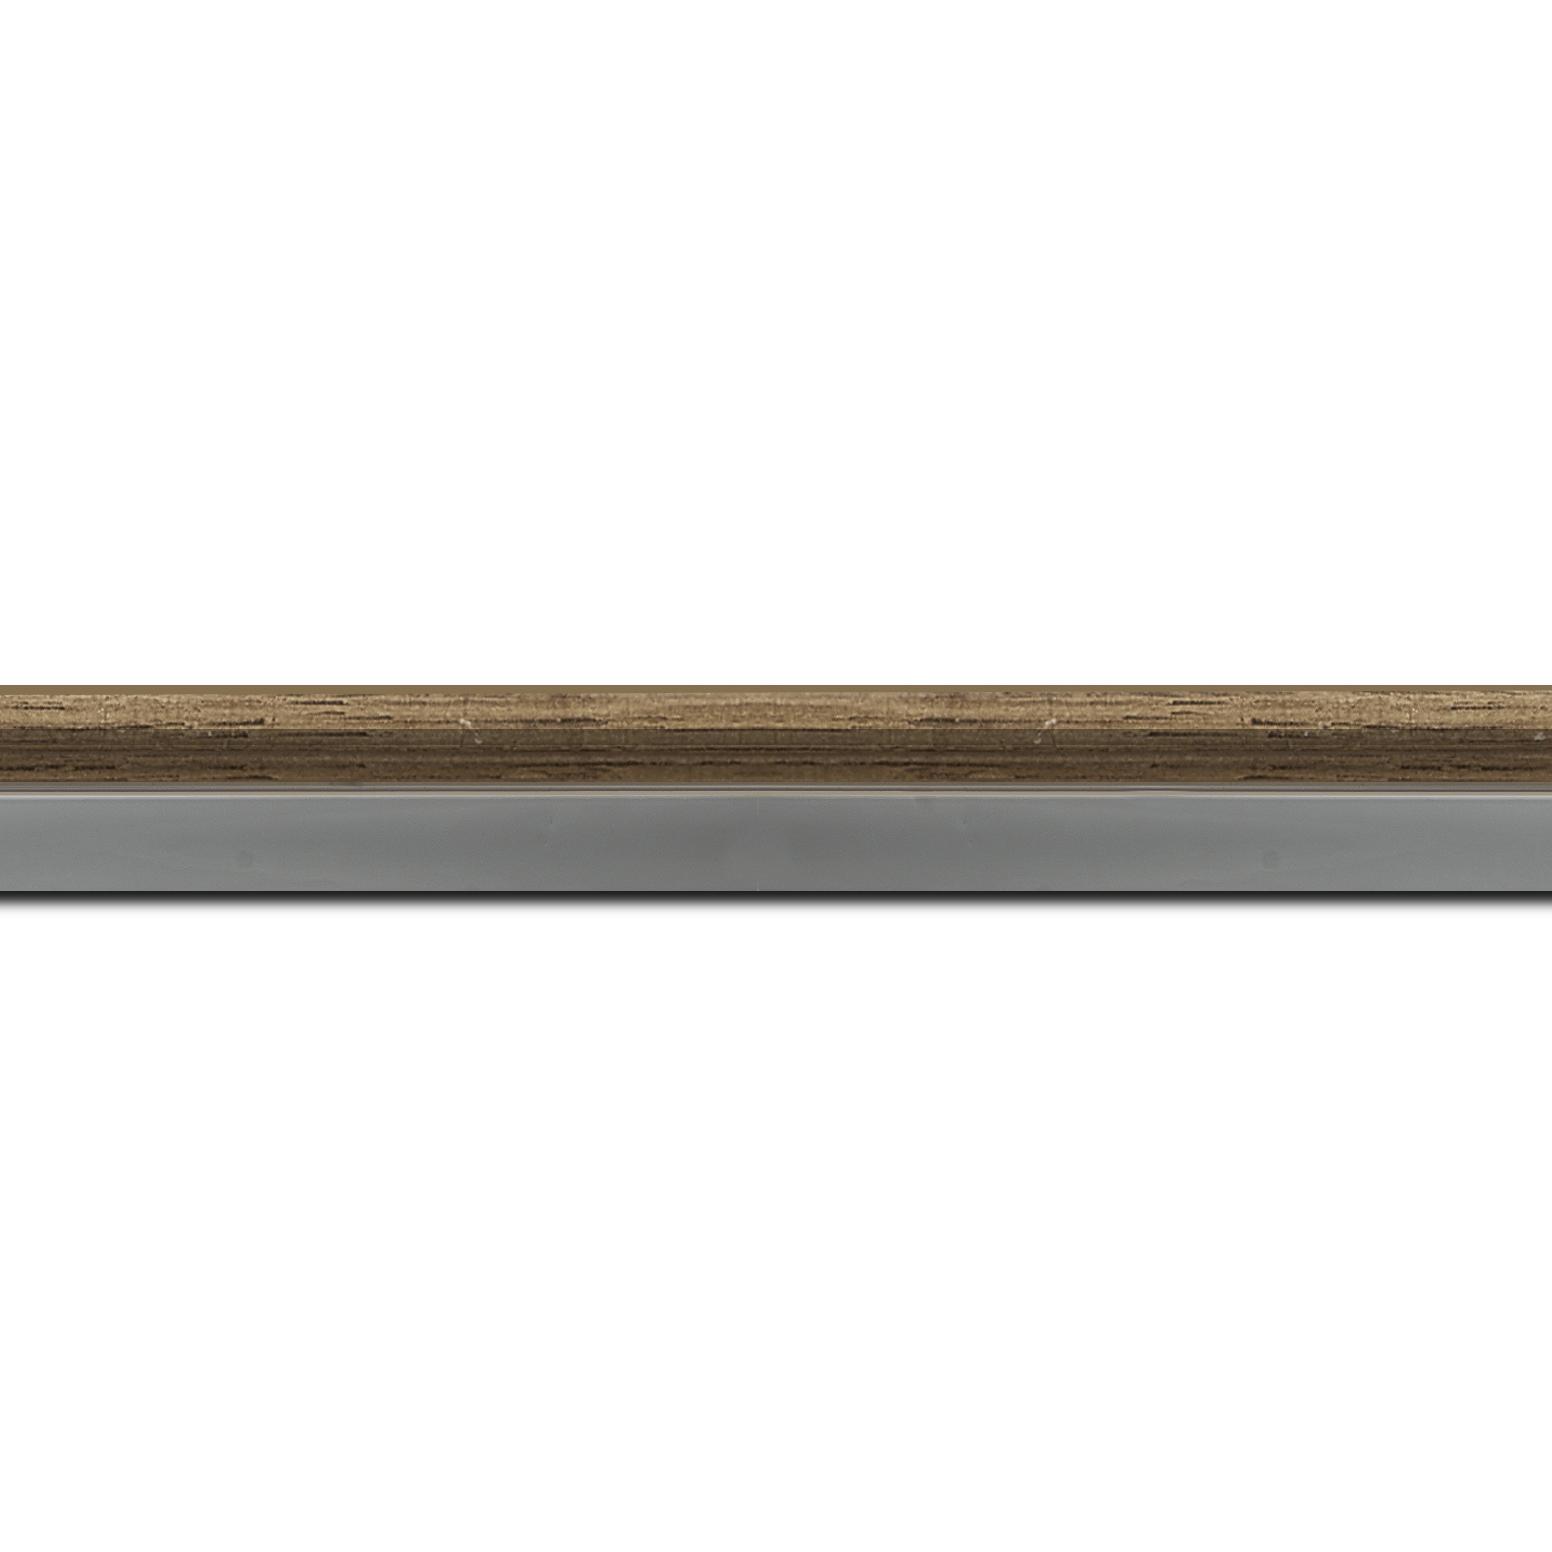 Baguette longueur 1.40m bois profil plat largeur 2.4cm  argent chromé décor chêne foncé extérieur